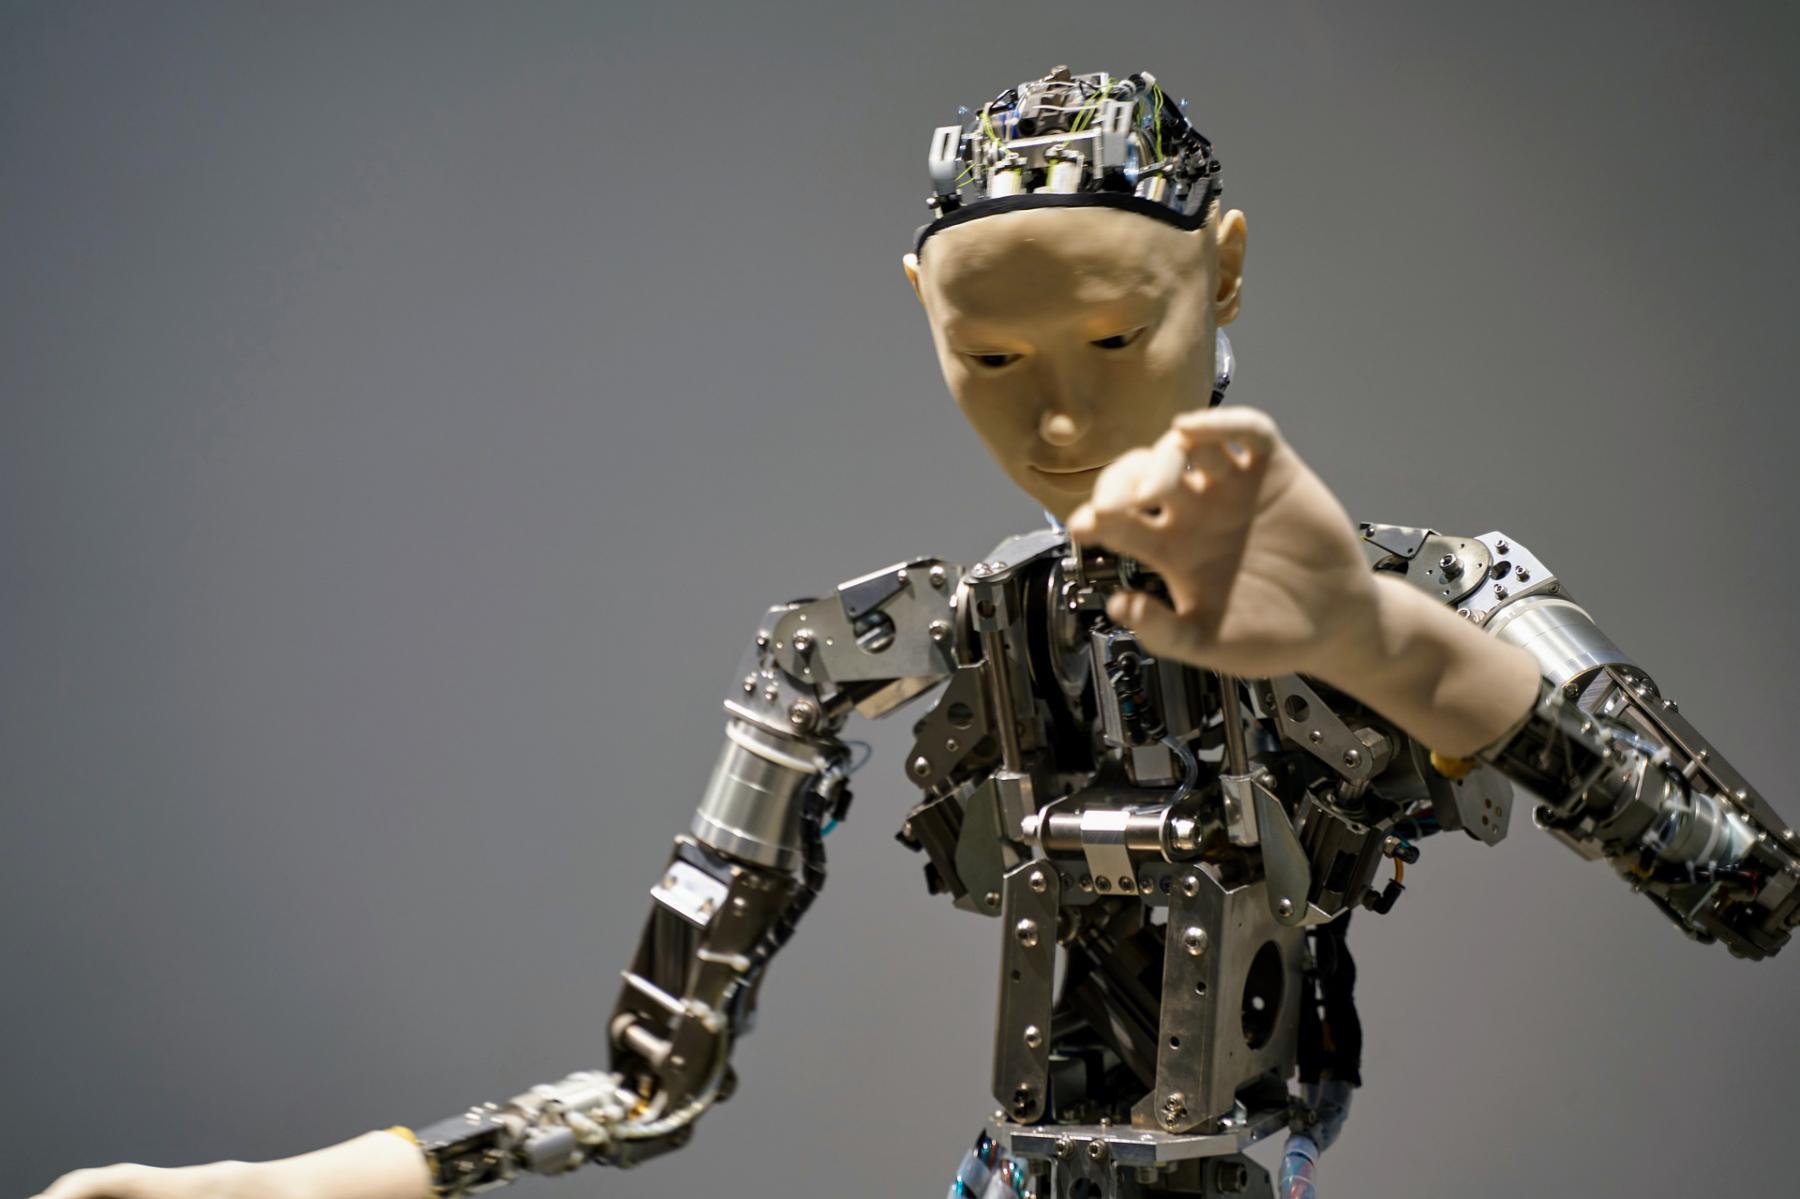 фото Робот впервые сыграет в фильме 2